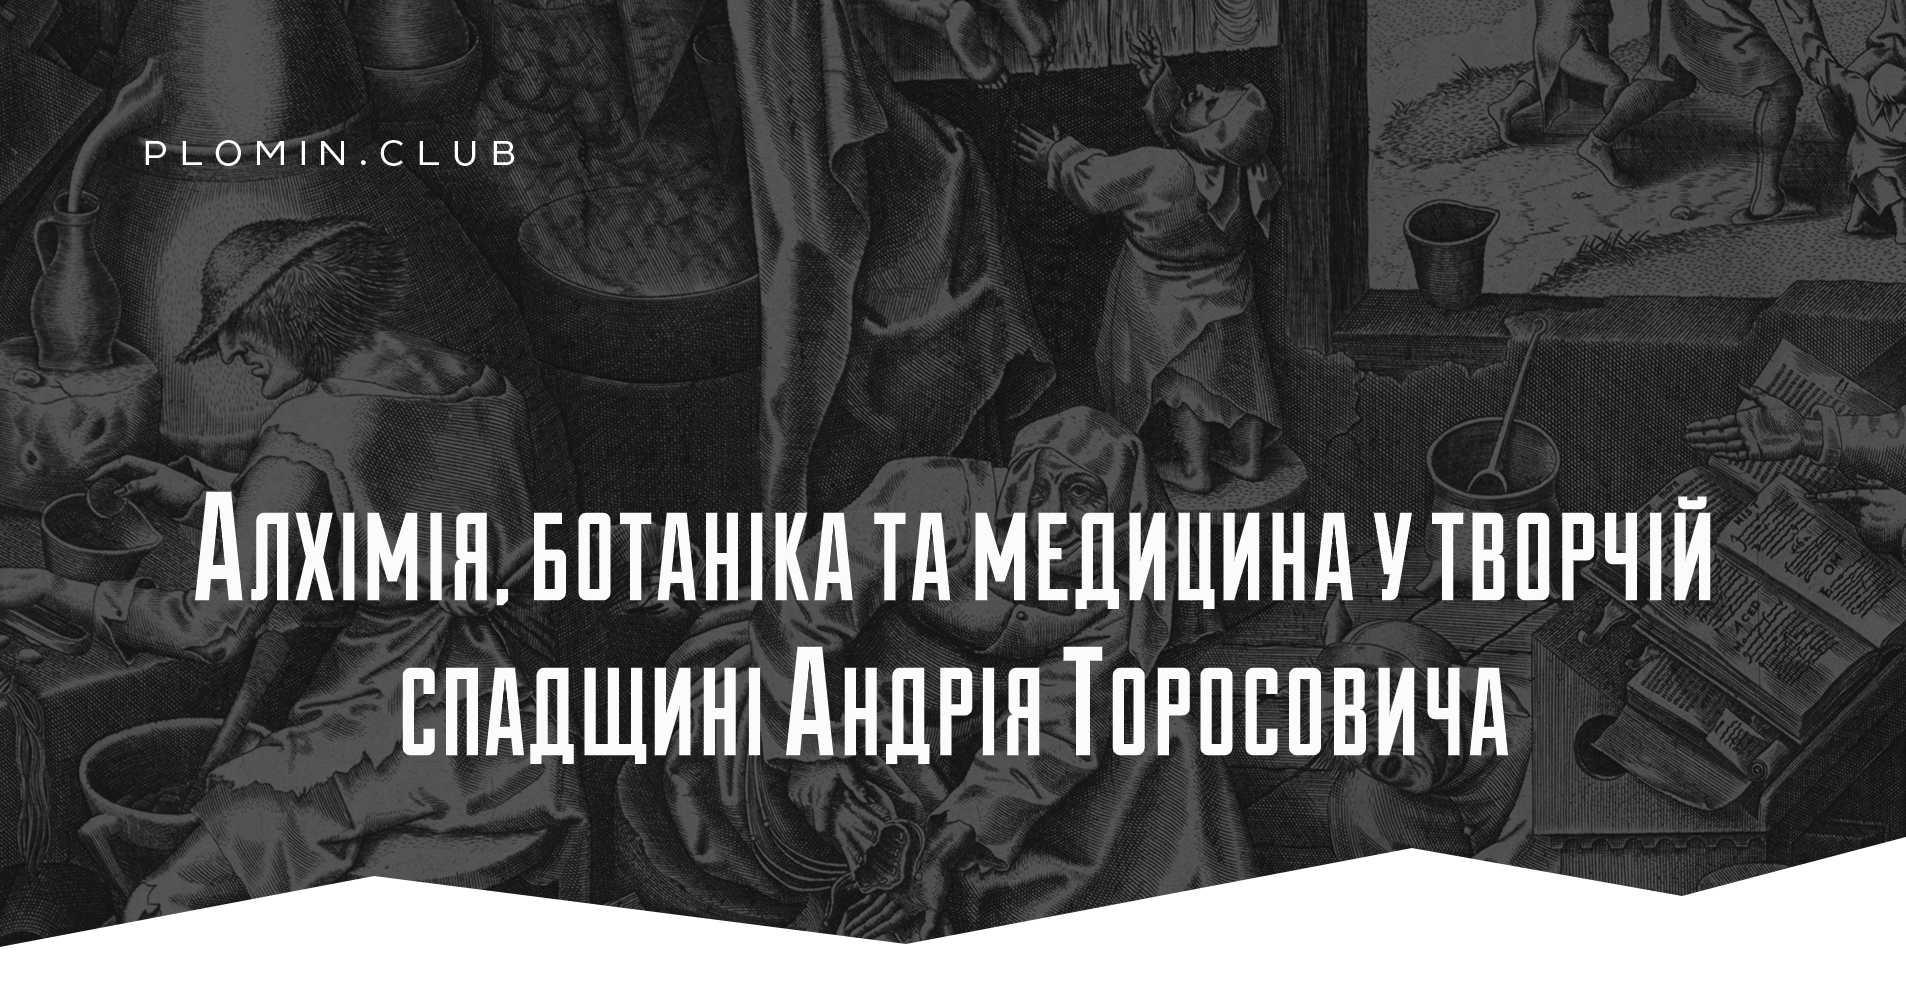 Алхімія, ботаніка та медицина у творчій спадщині Андрія Торосовича